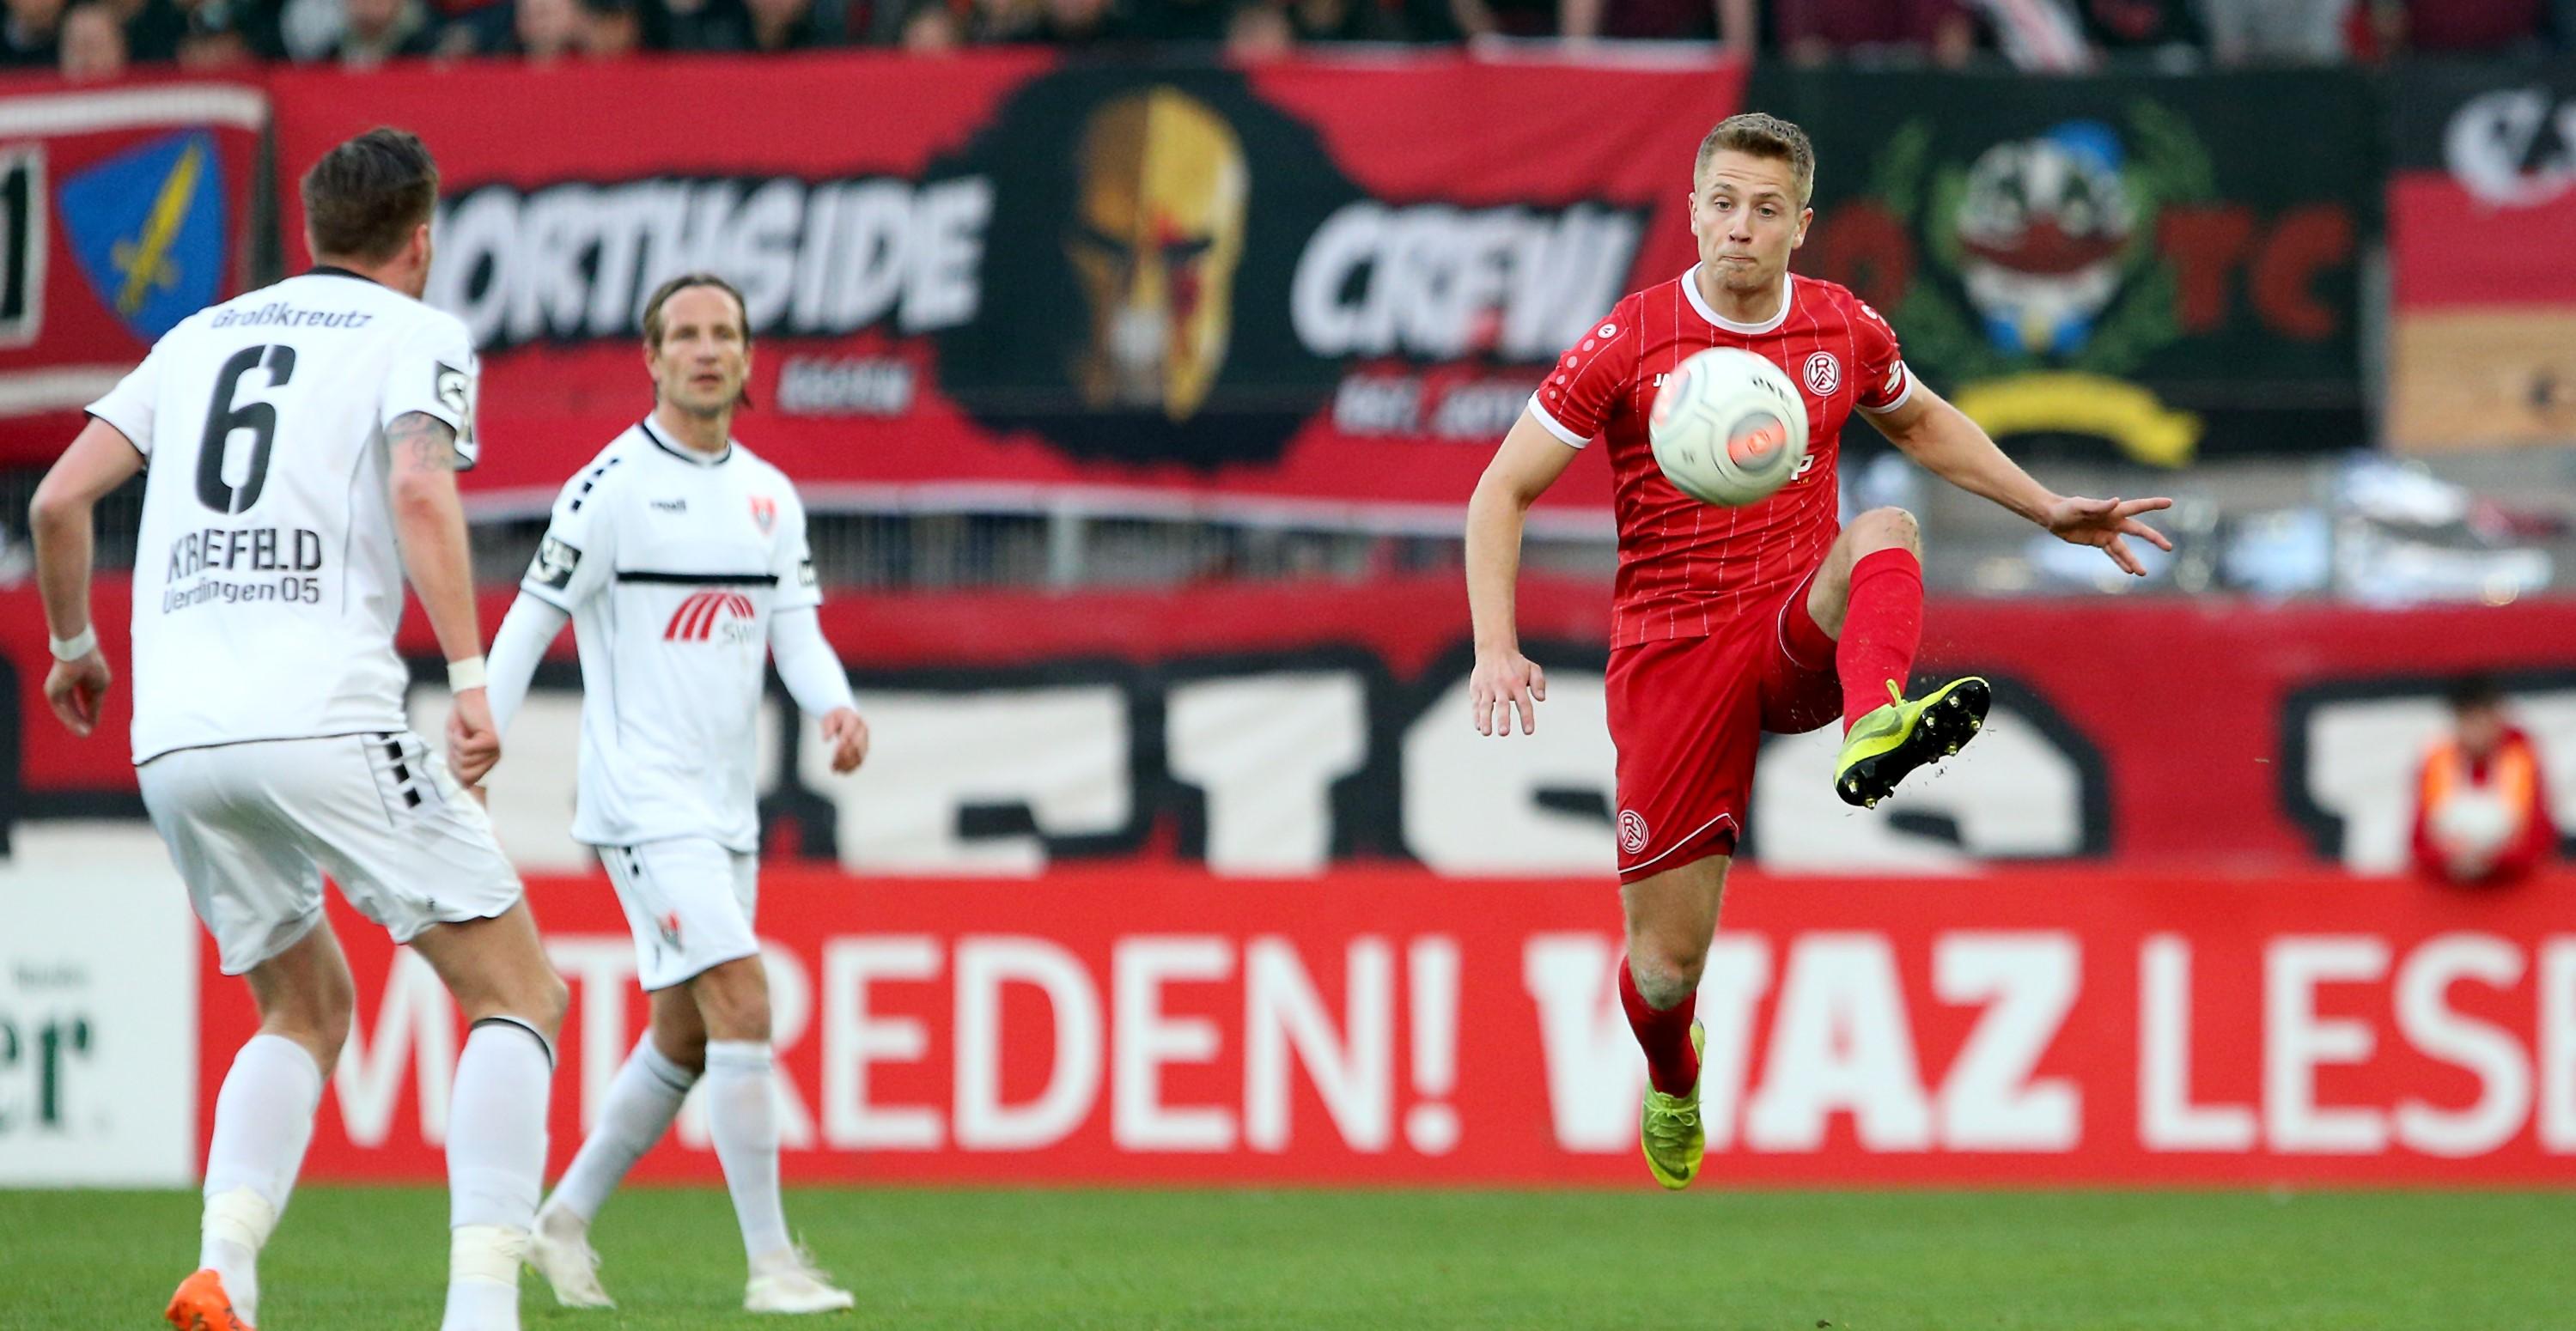 Trotz guter Leistung unterlagen die Rot-Weissen dem klassenhöheren KFC. (Foto: Endberg)